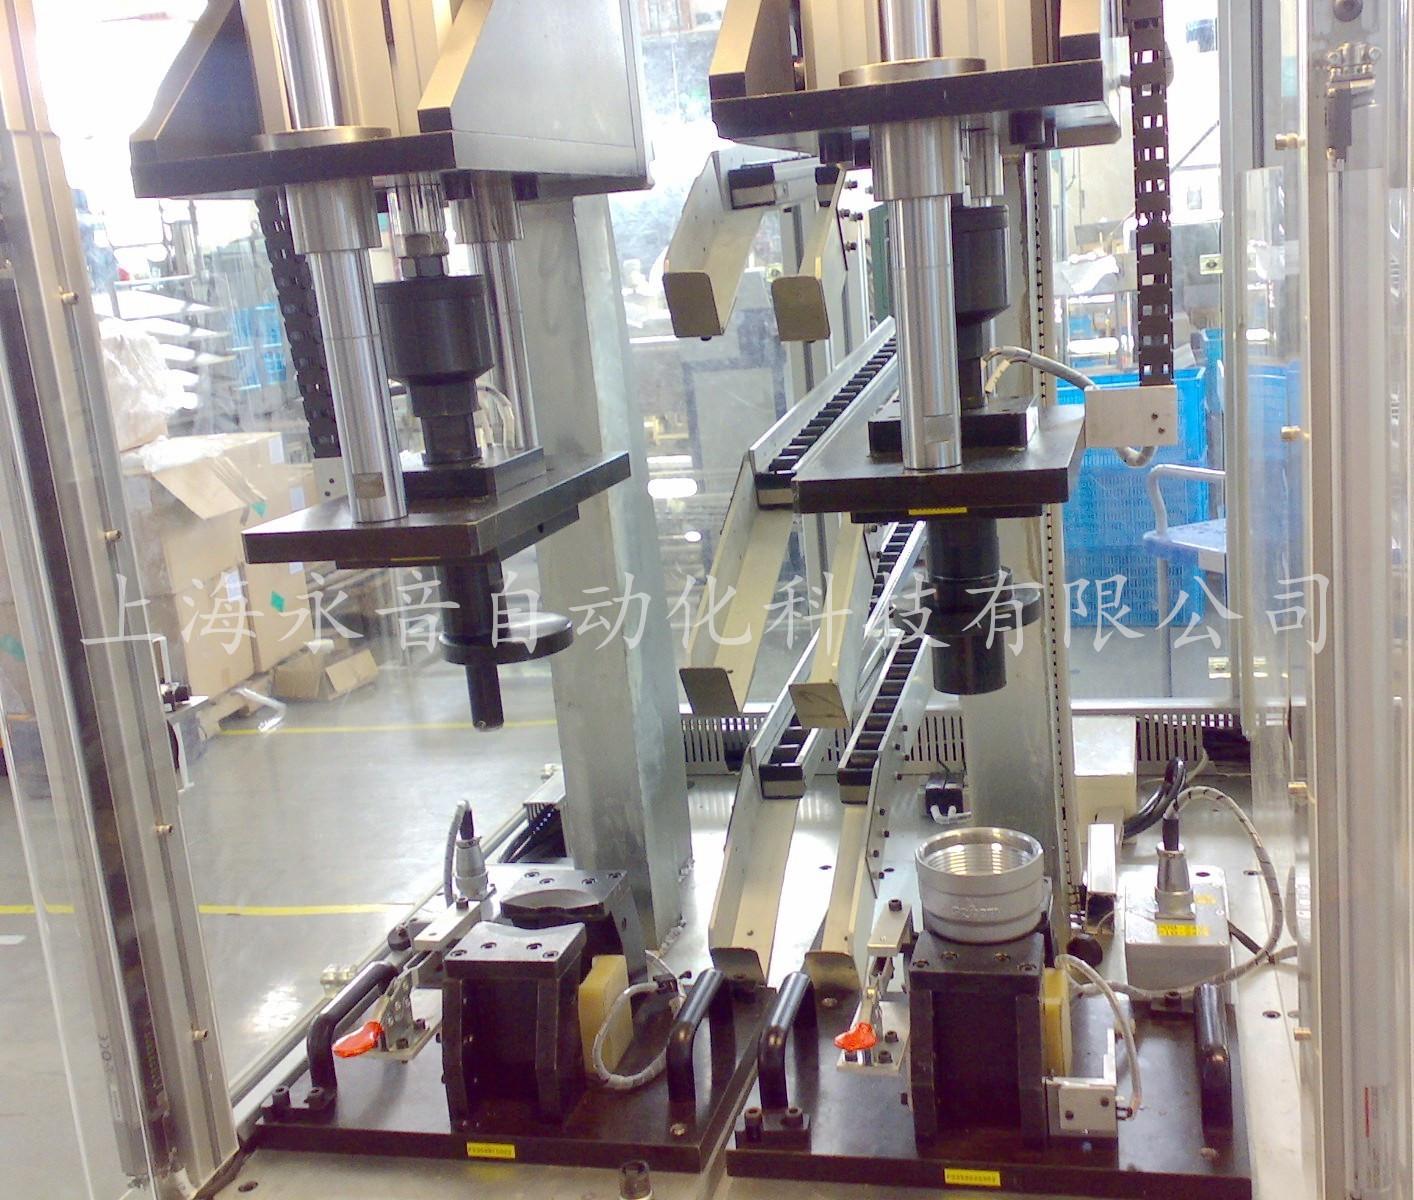 上海非标机械设备公司